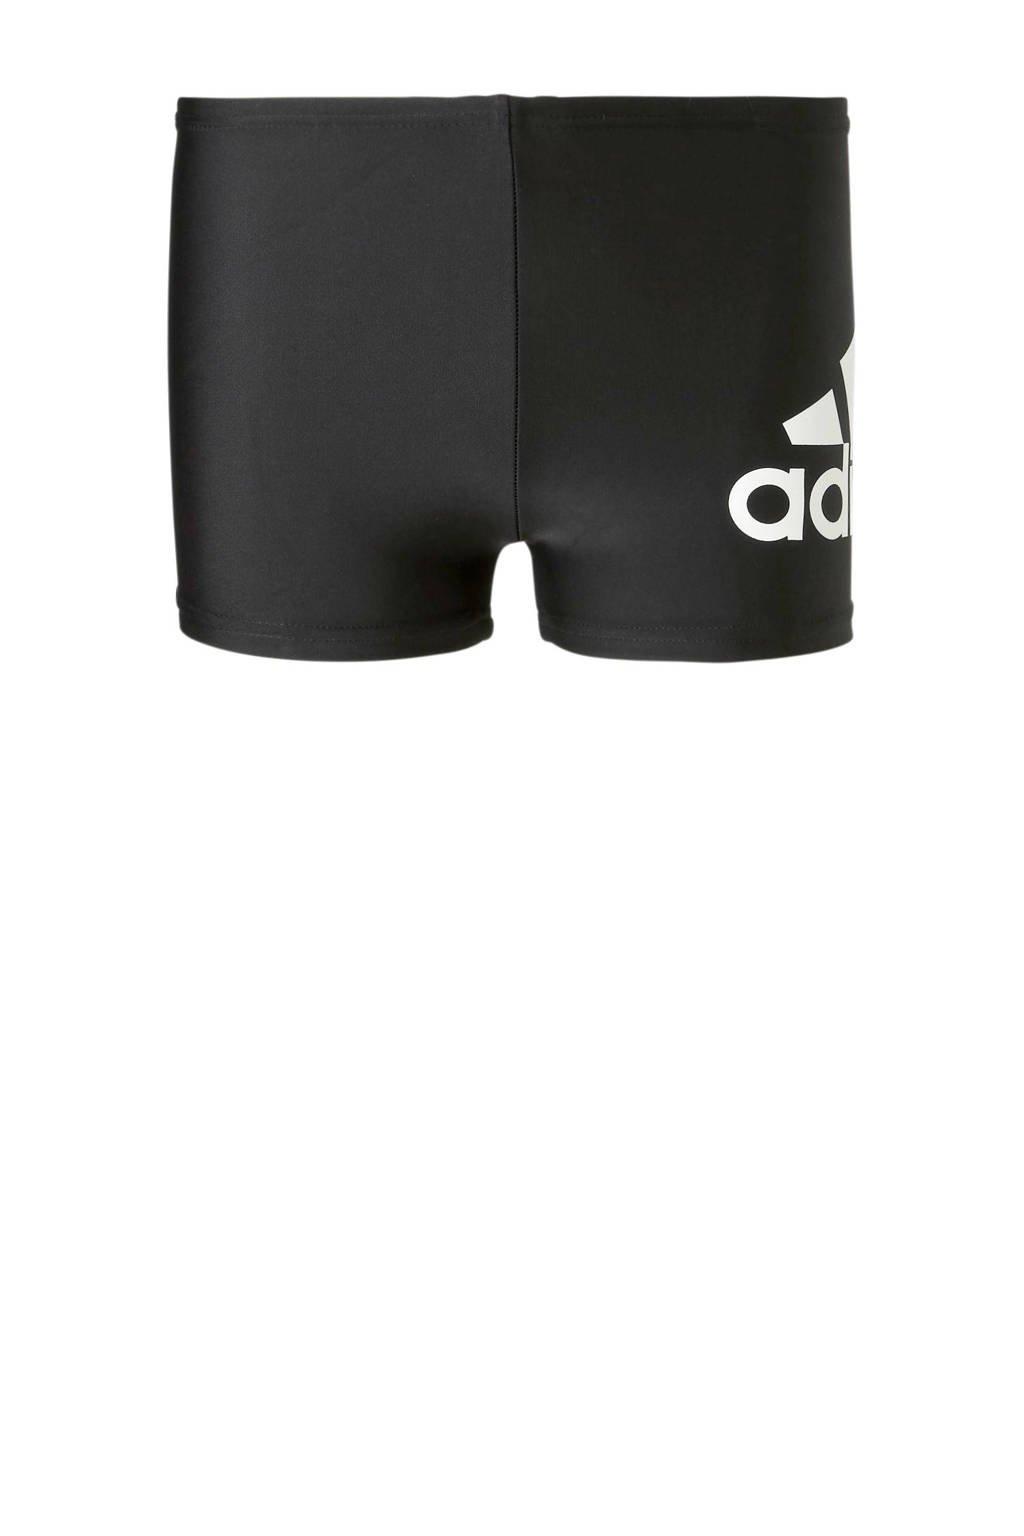 adidas zwemboxer met merknaam zwart, Zwart/wit